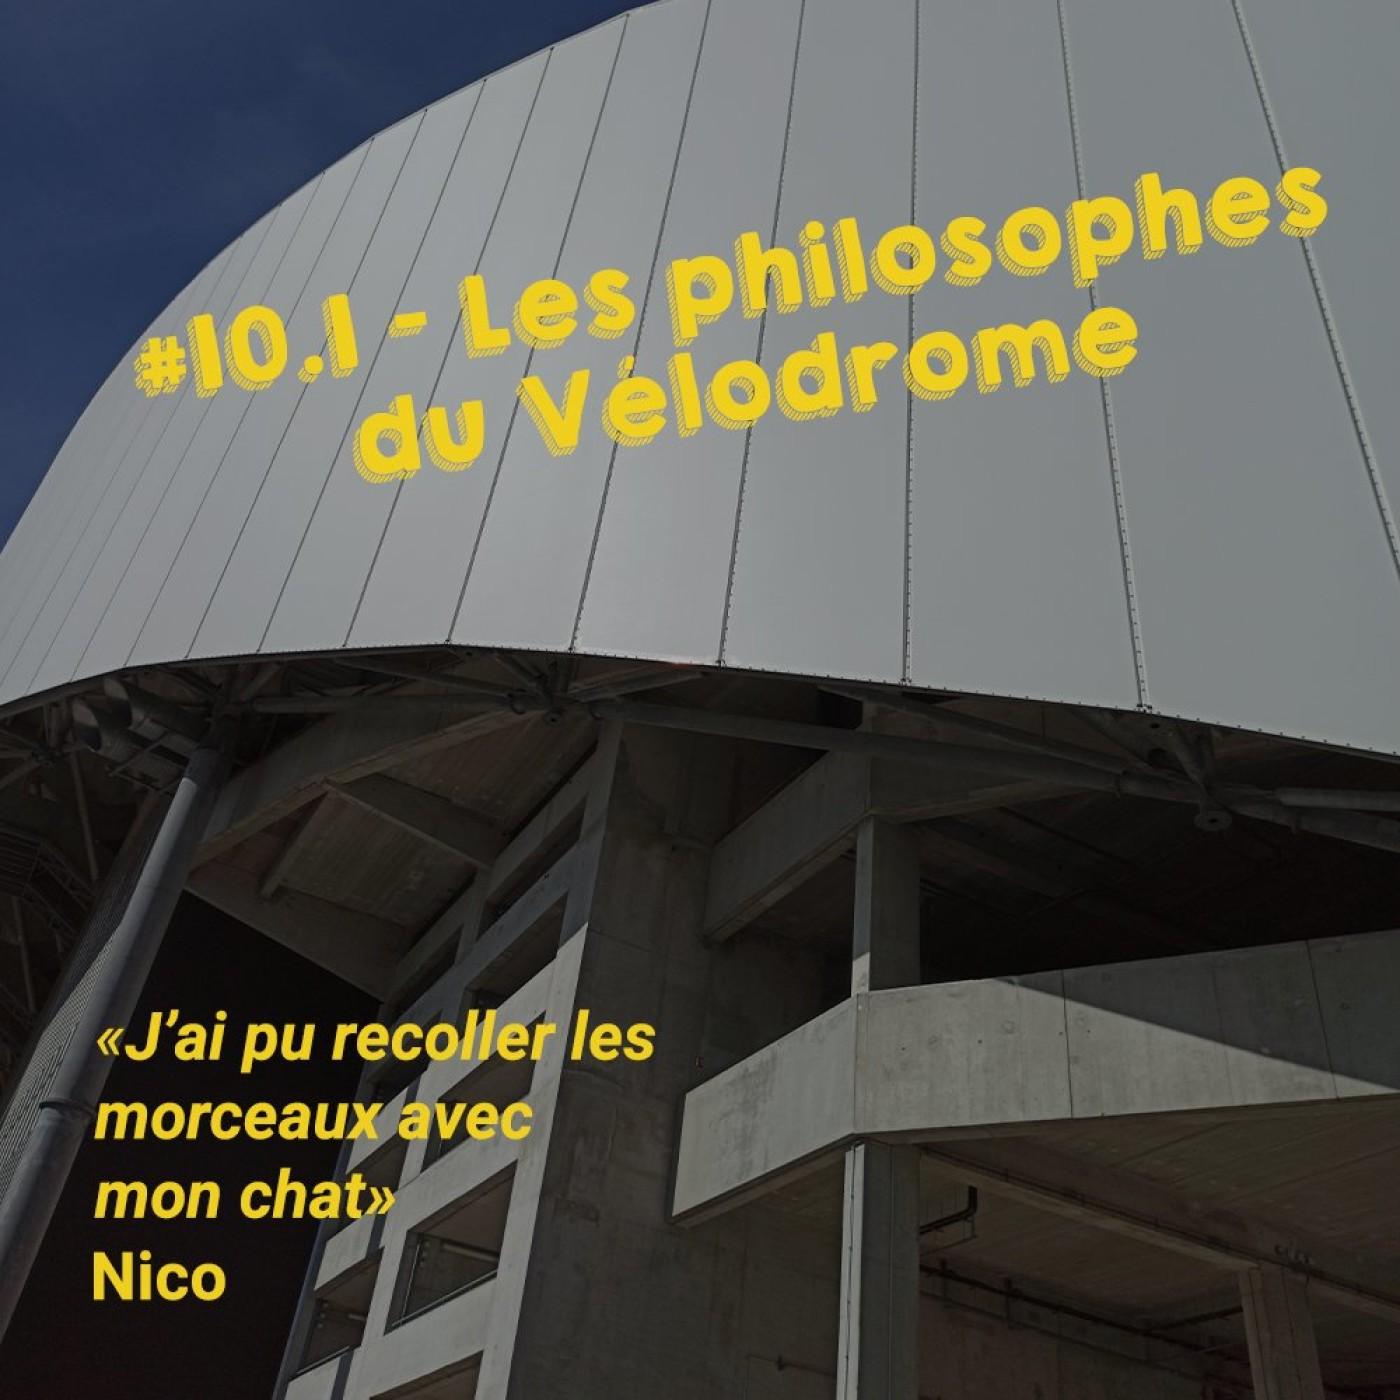 #10.1 Les philosophes du Vélodro